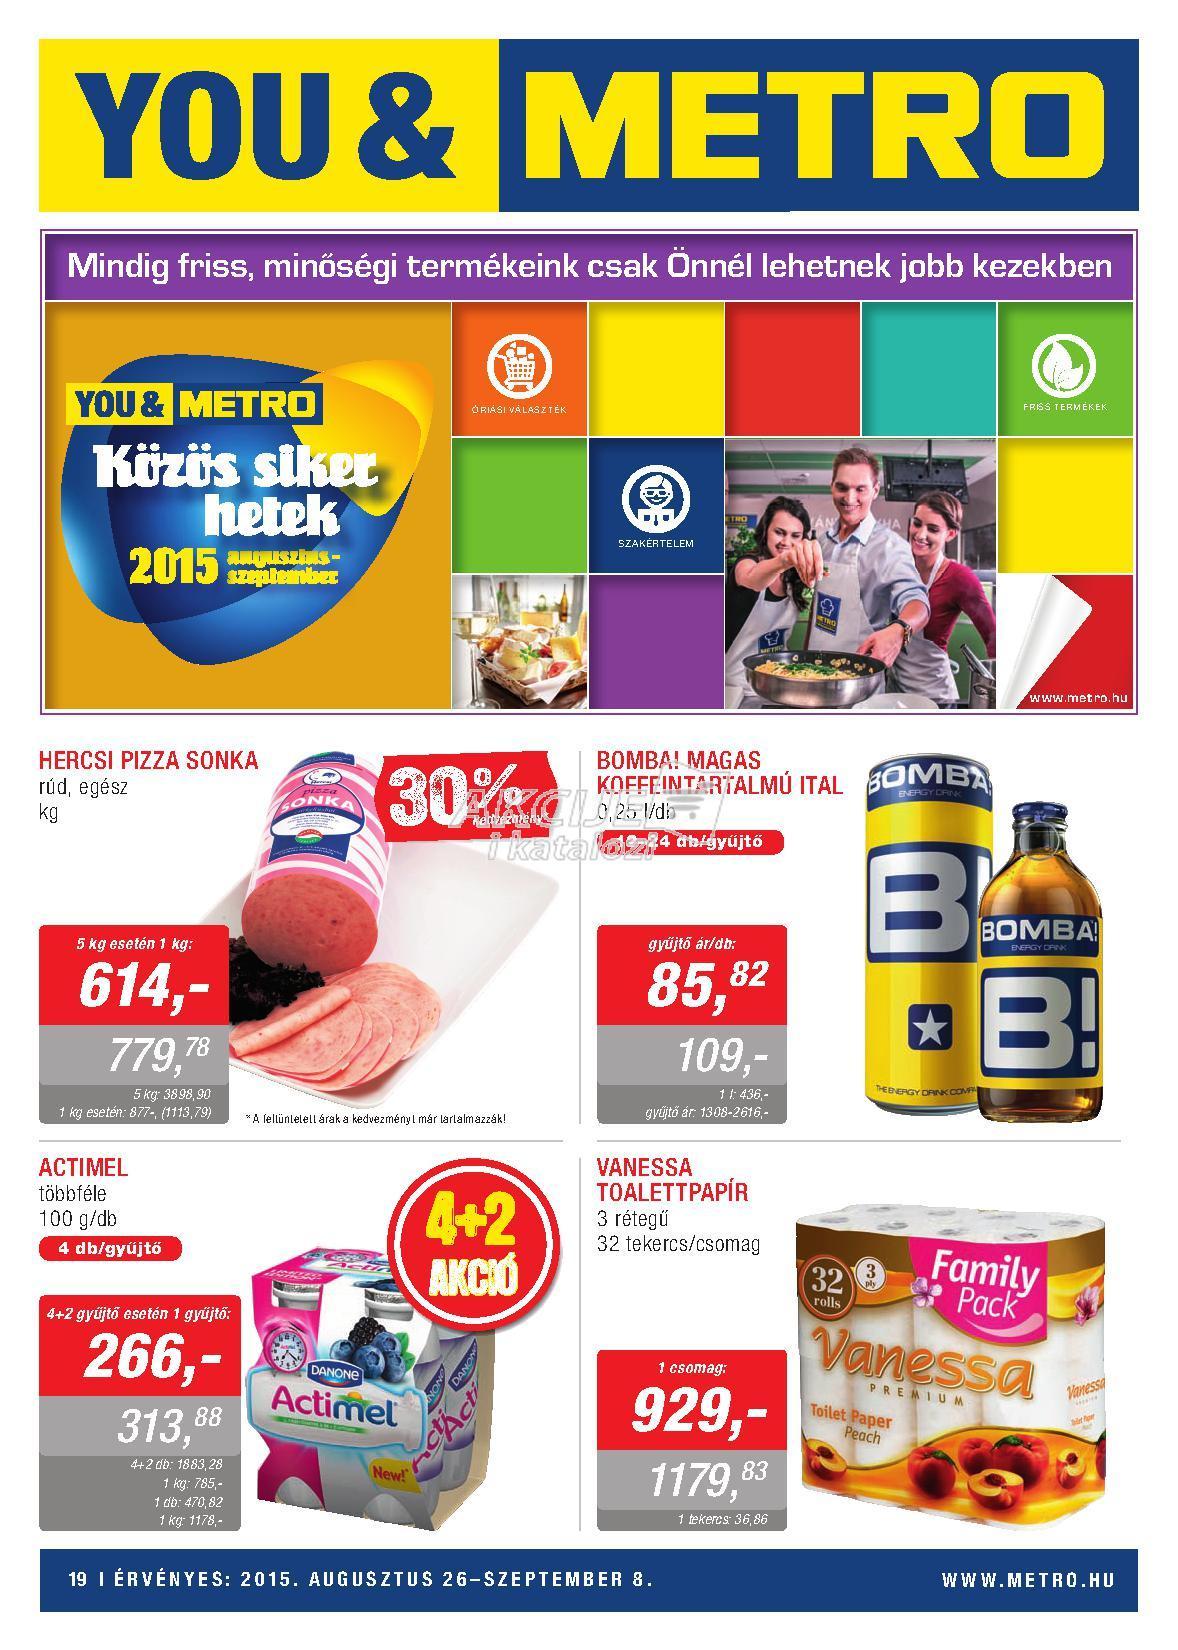 Metro Mađarska akcija super cene prehrane